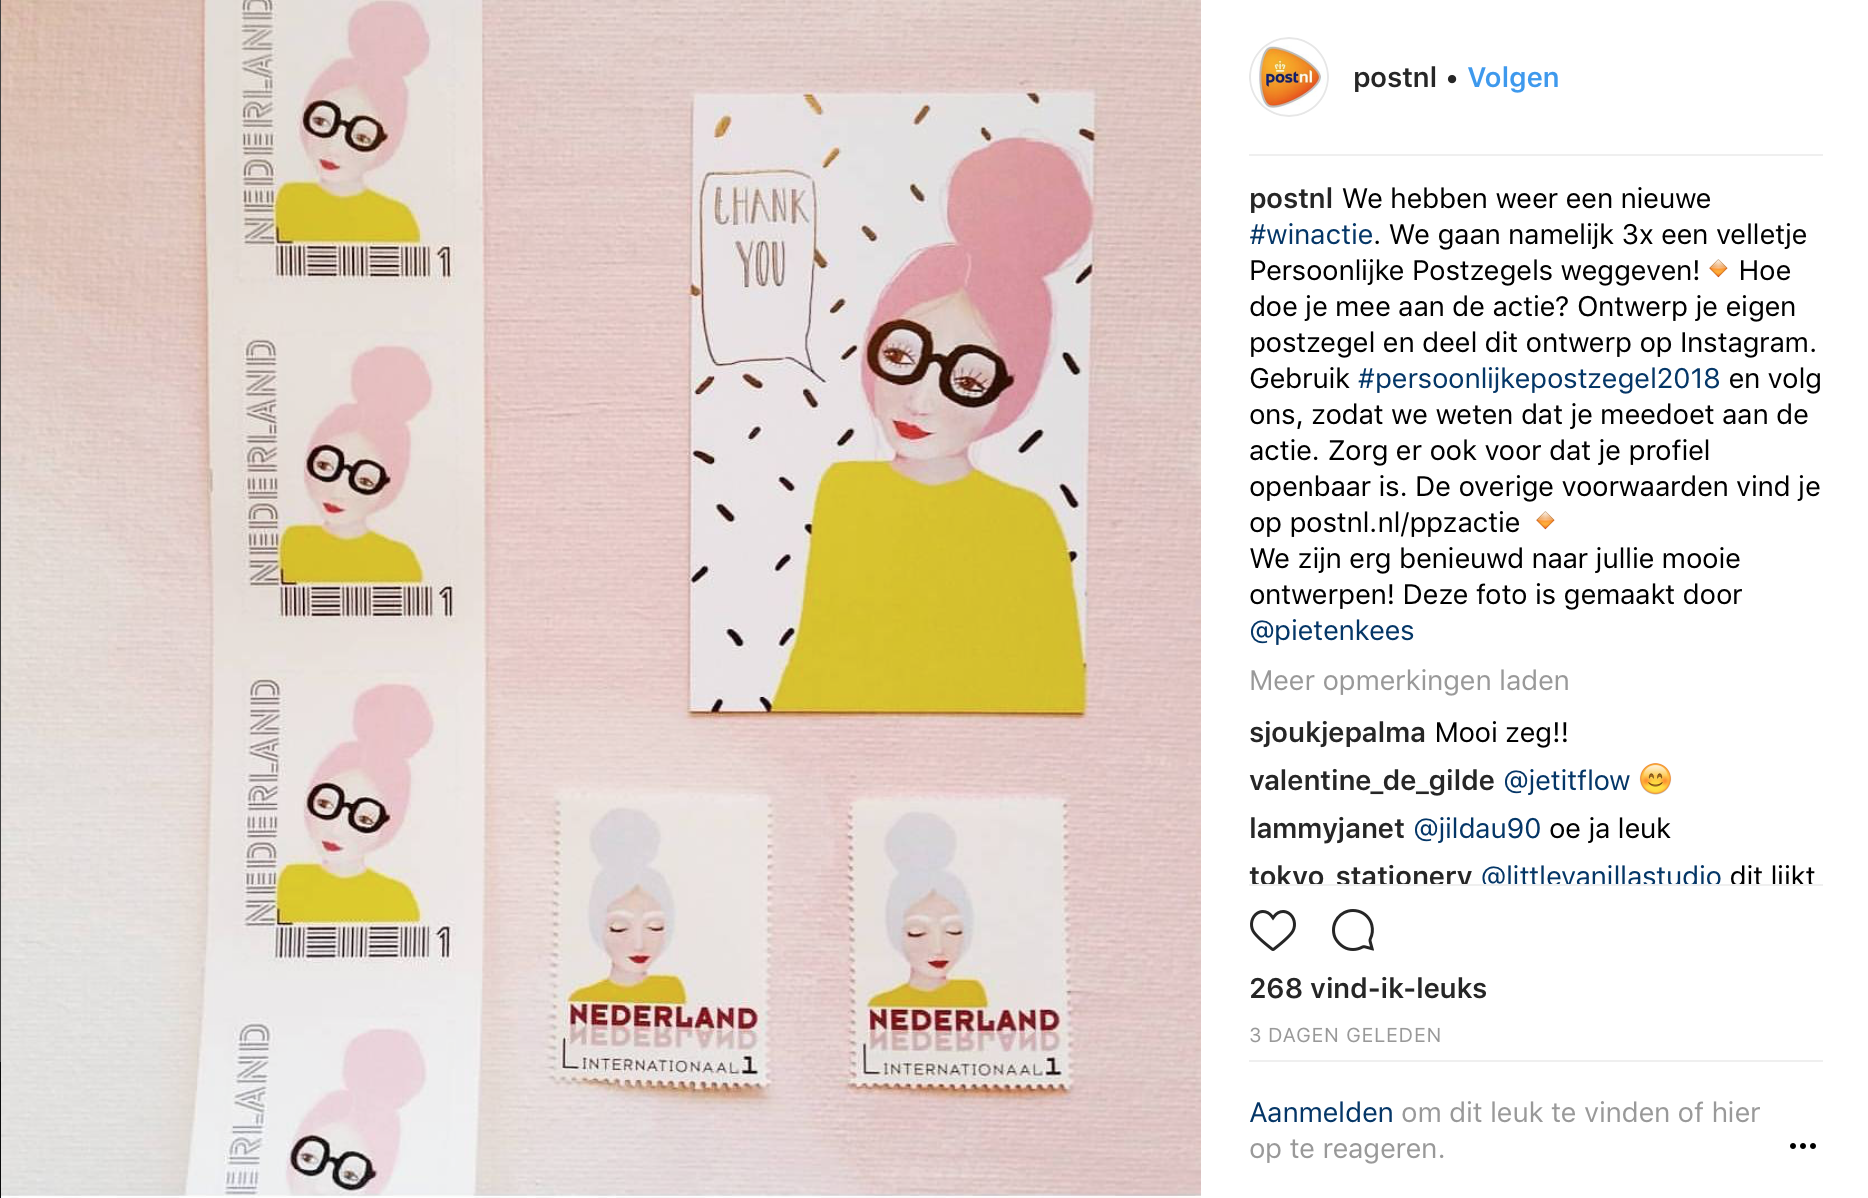 Winactie bij PostNL via Instagram